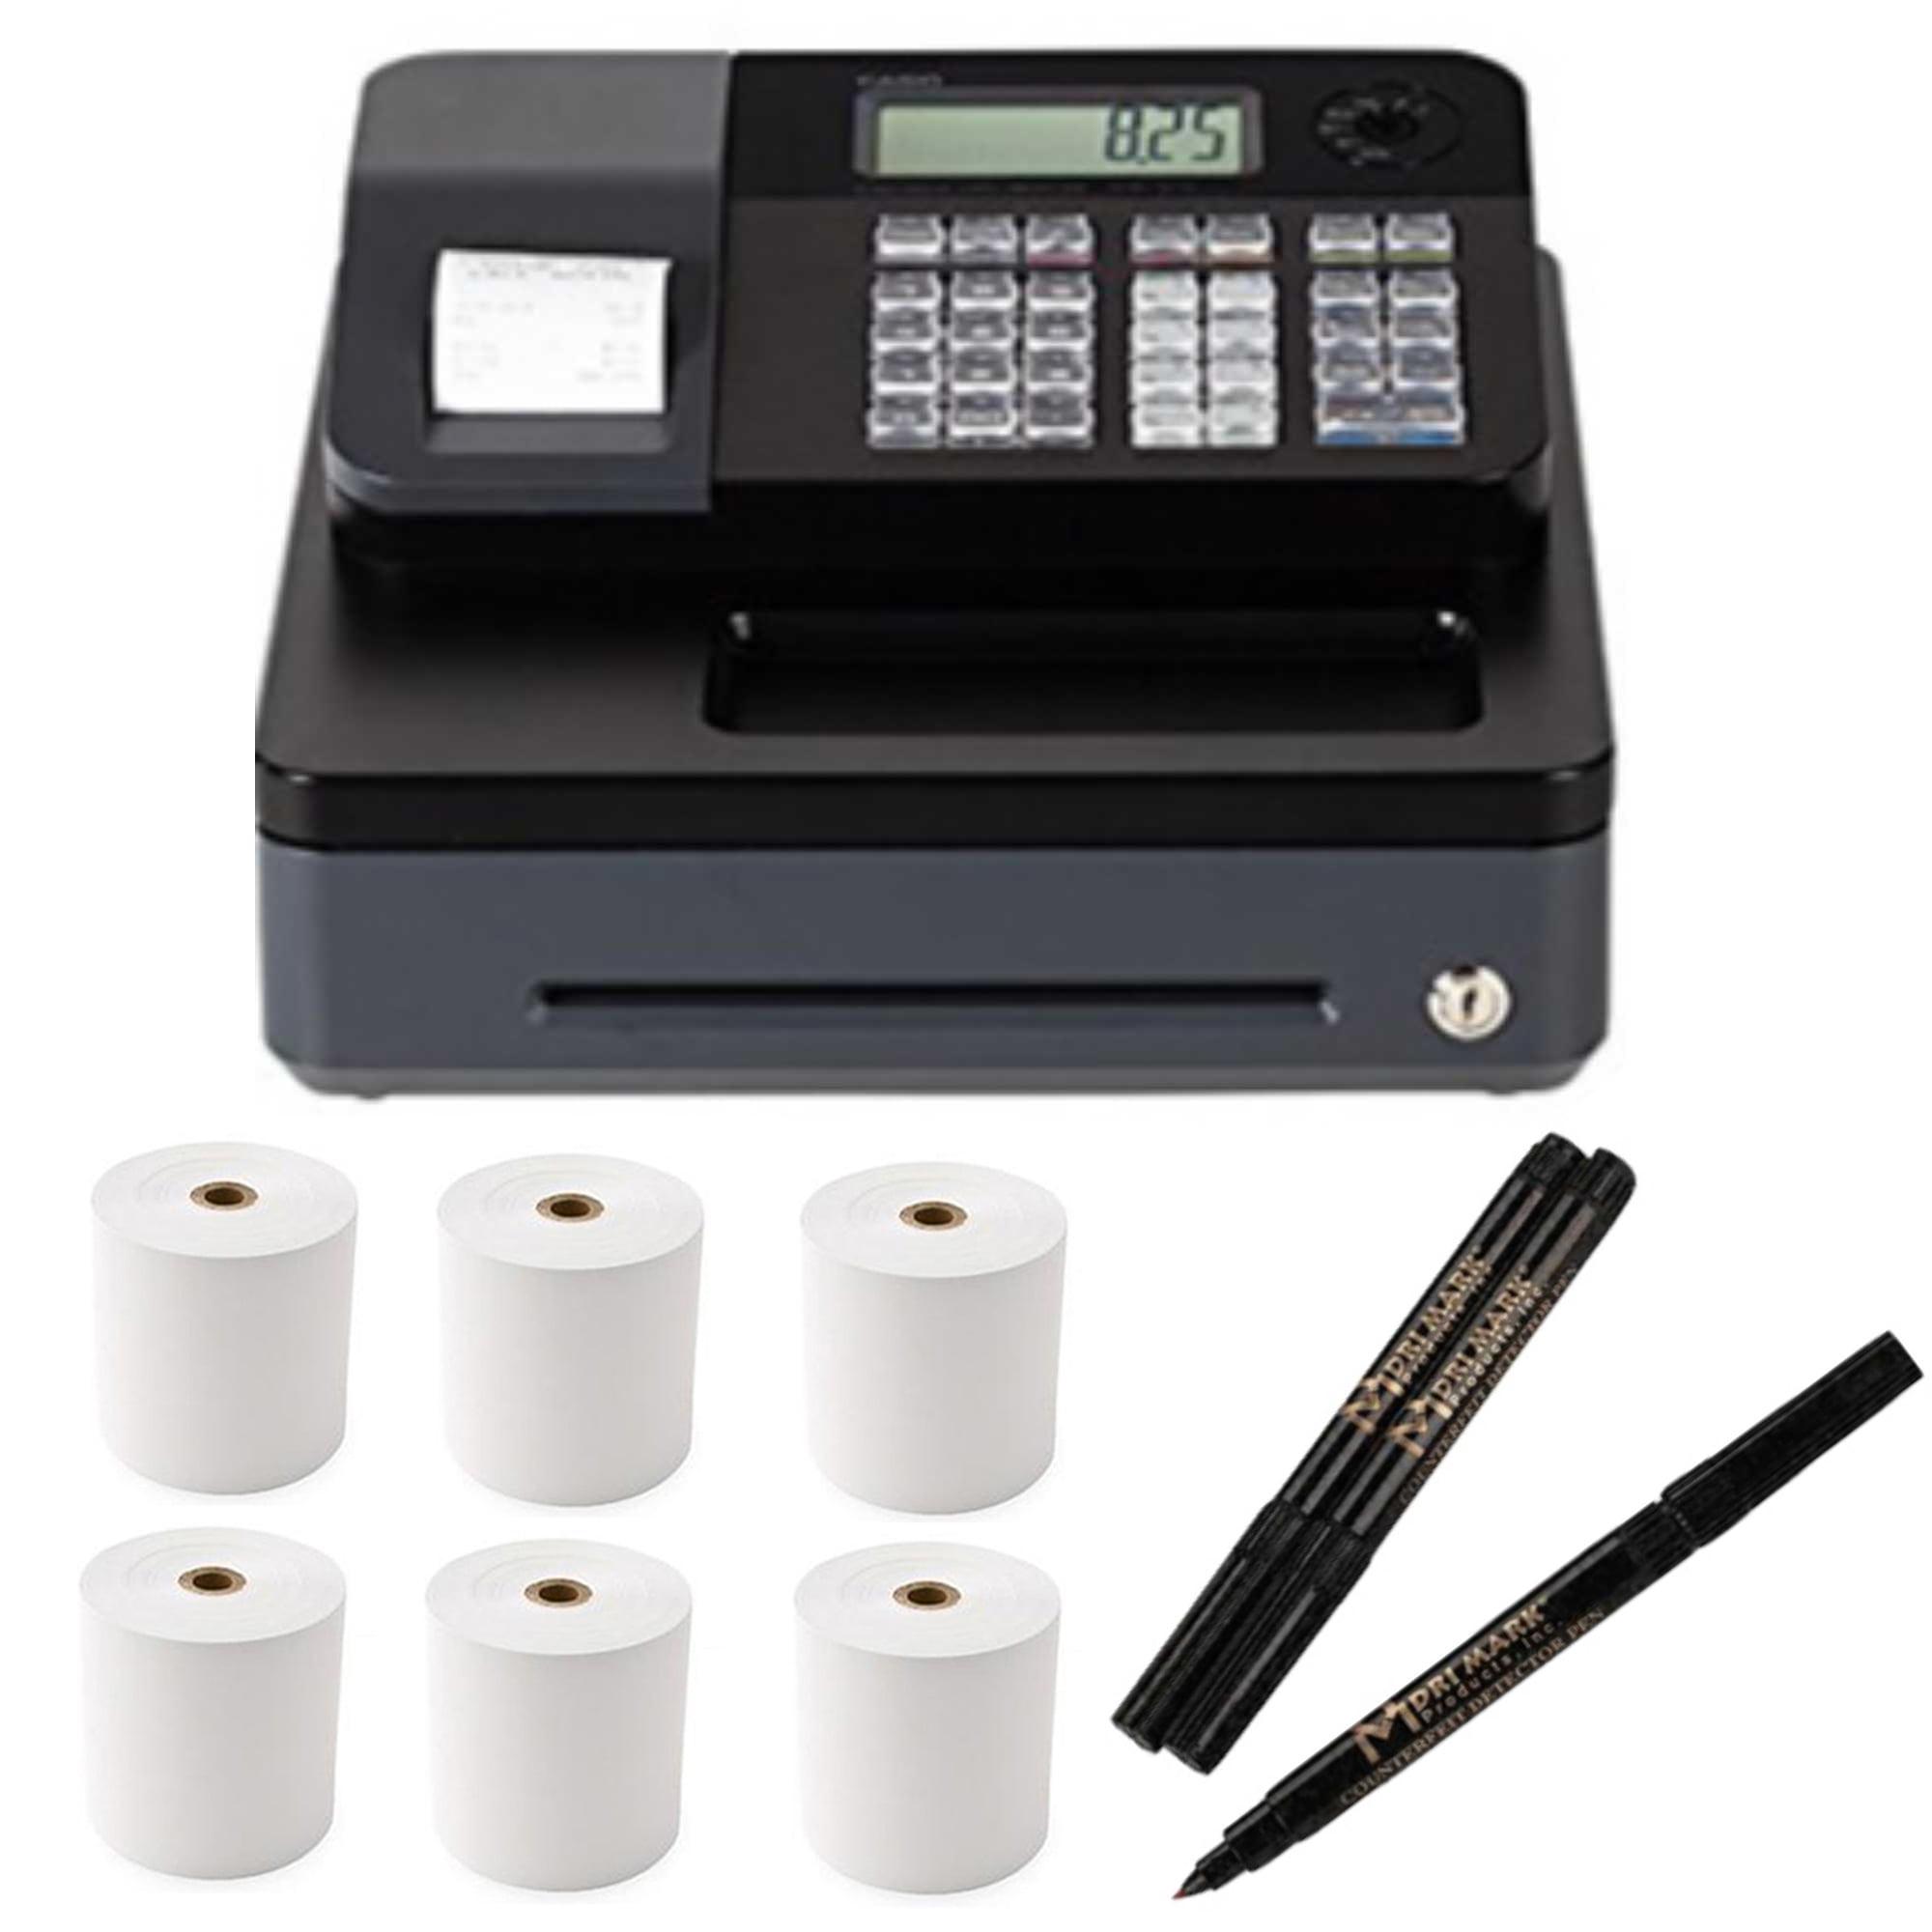 Casio Electronic Cash Register PCRT273 w/ Counterfeit Detector Pen & Paper